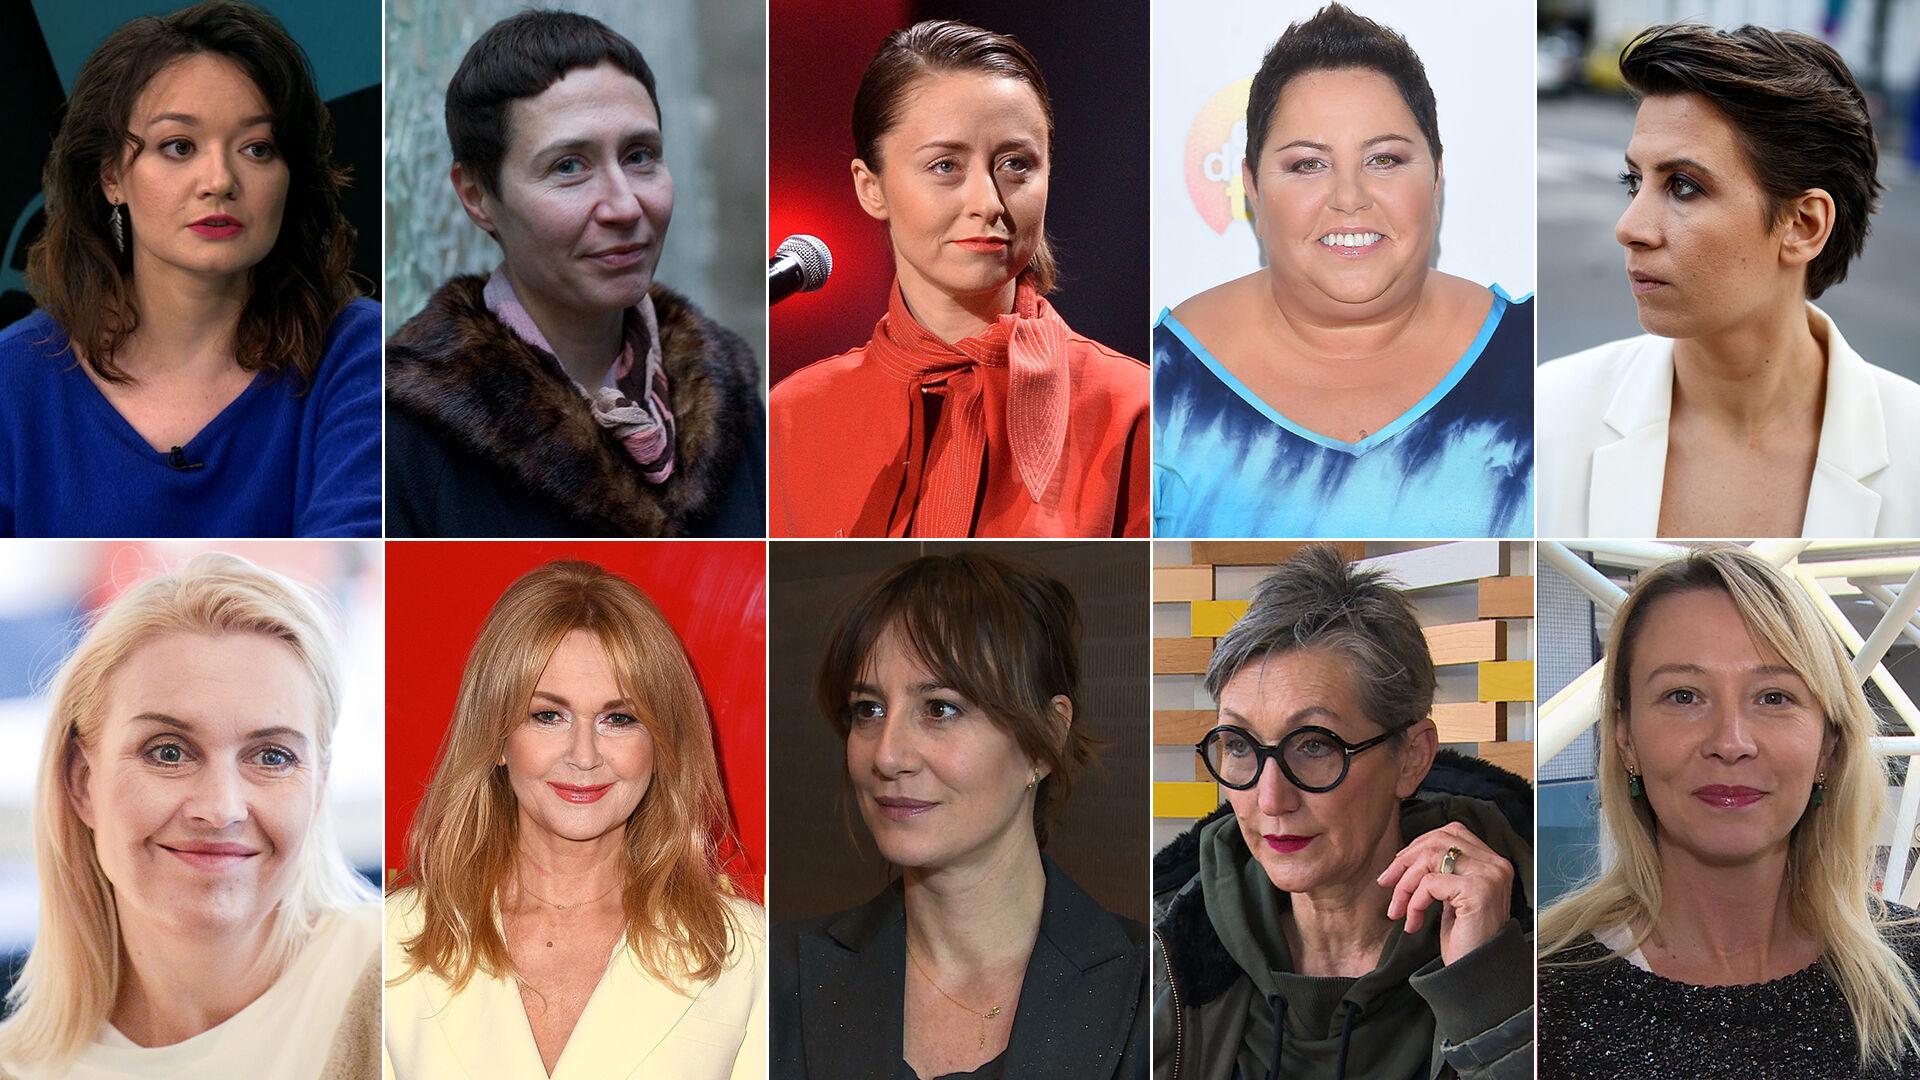 Znane Polki O Kobietach Z Okazji 100 Lecia Praw Wyborczych